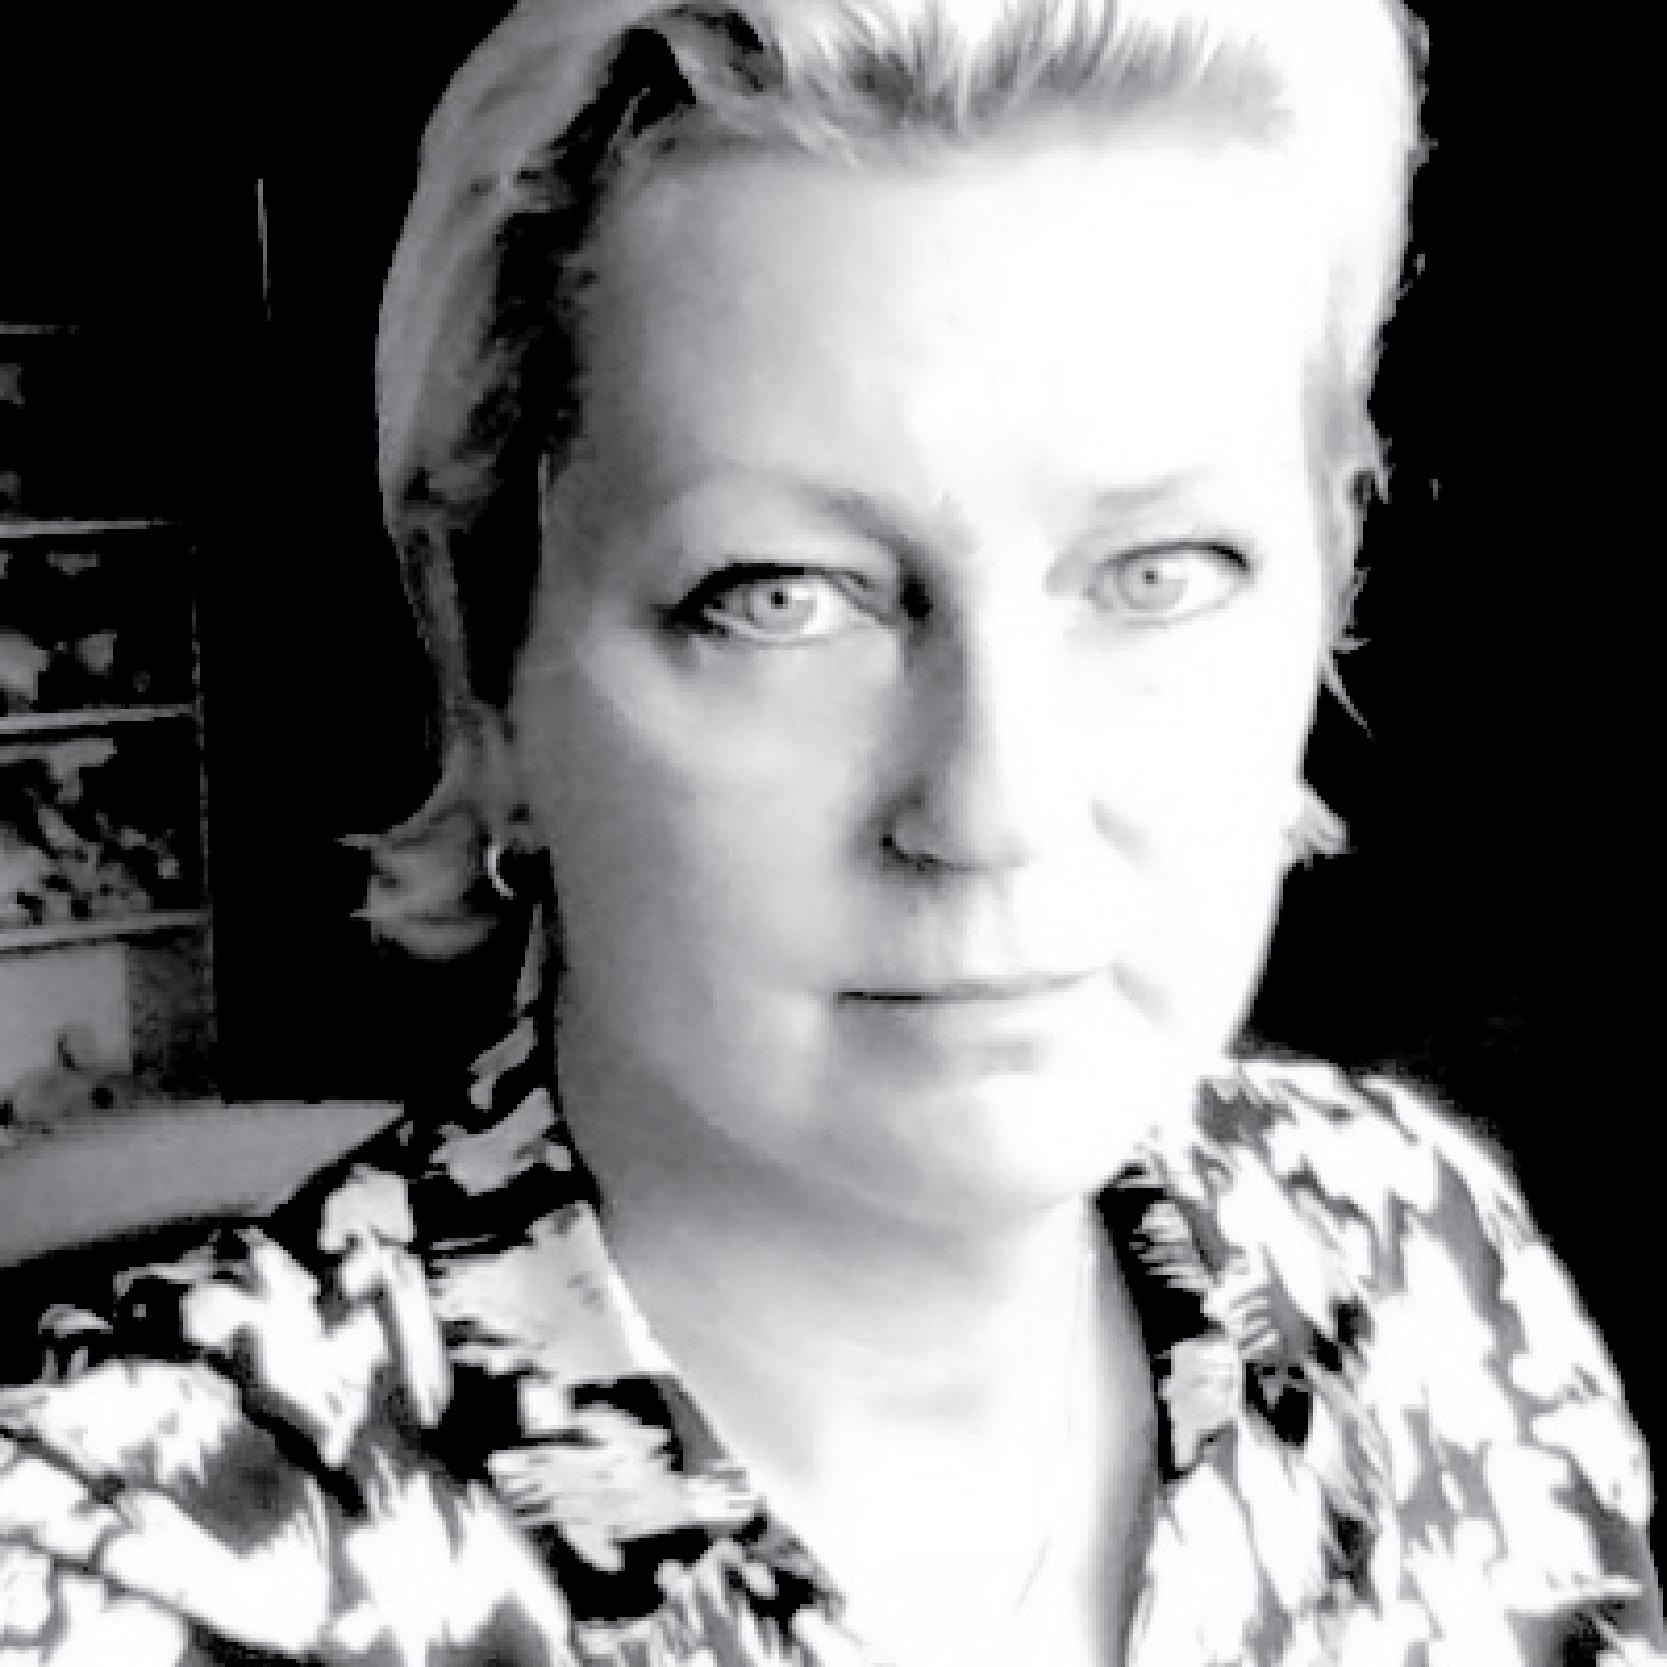 Maria Dofeldt